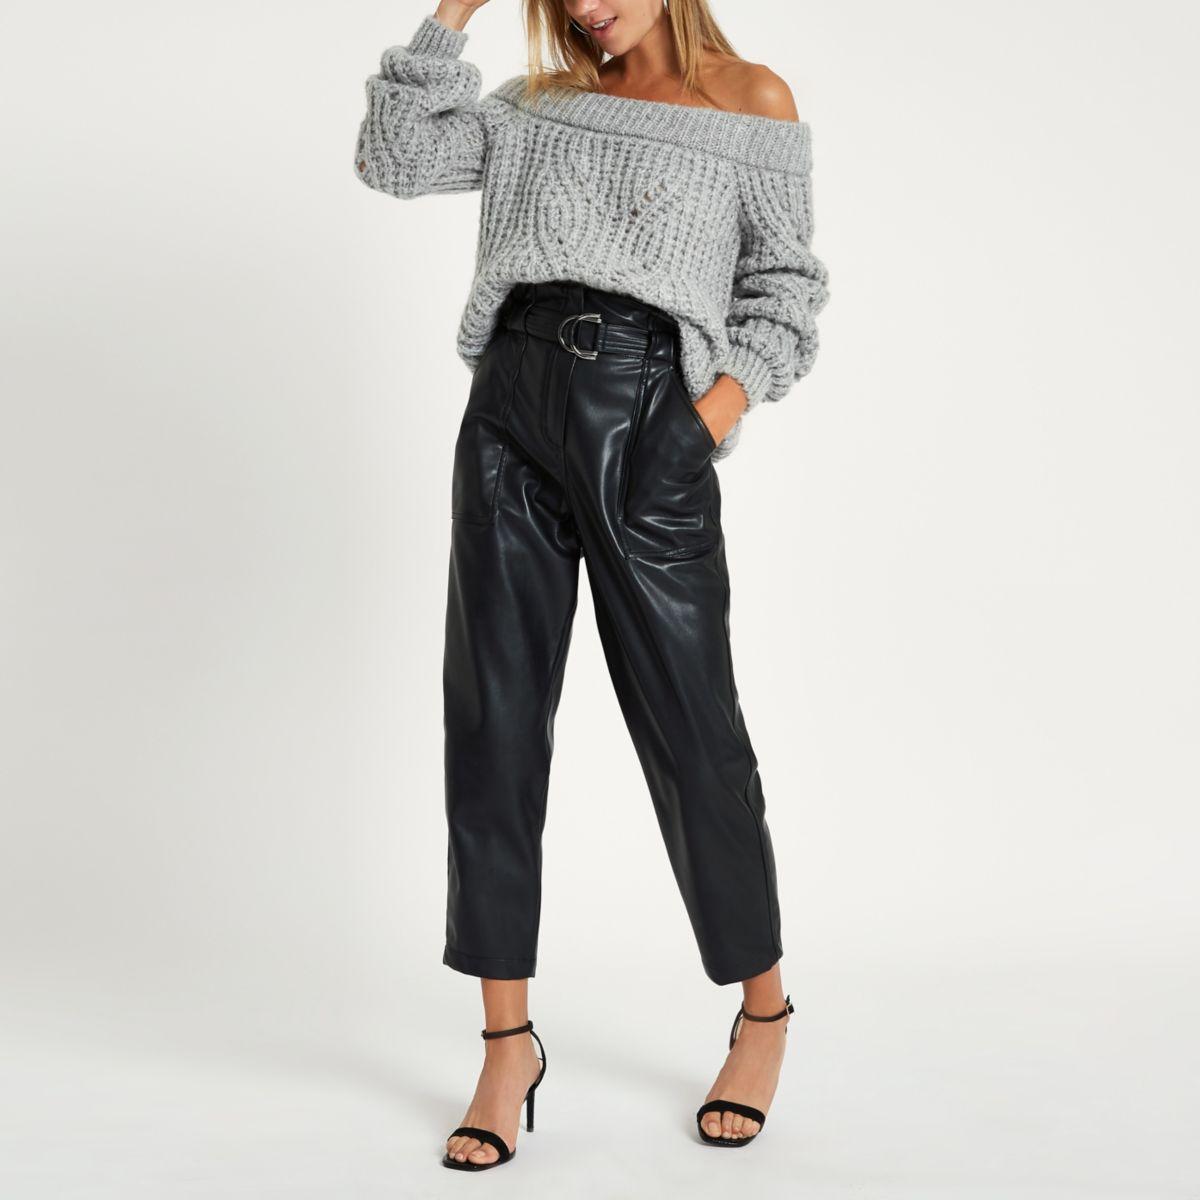 Grey knit bardot sweater